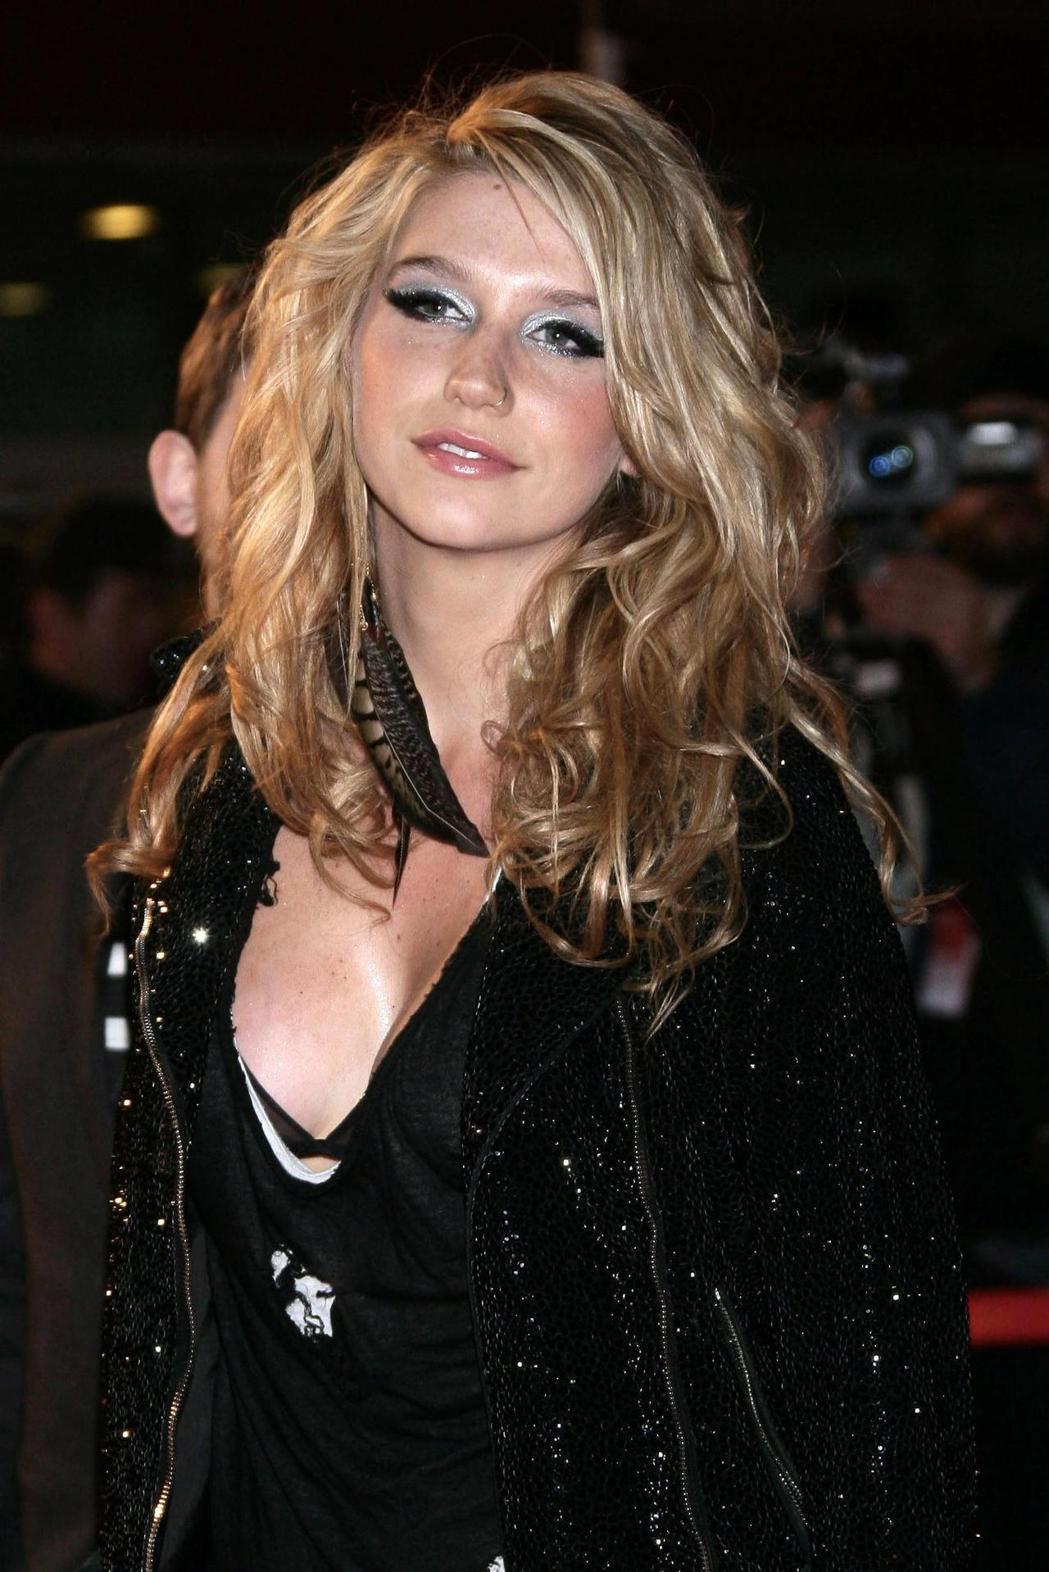 凱莎自曝遭到性侵,也踢爆同業其他女星曾遭到毒手。圖/歐新社資料照片